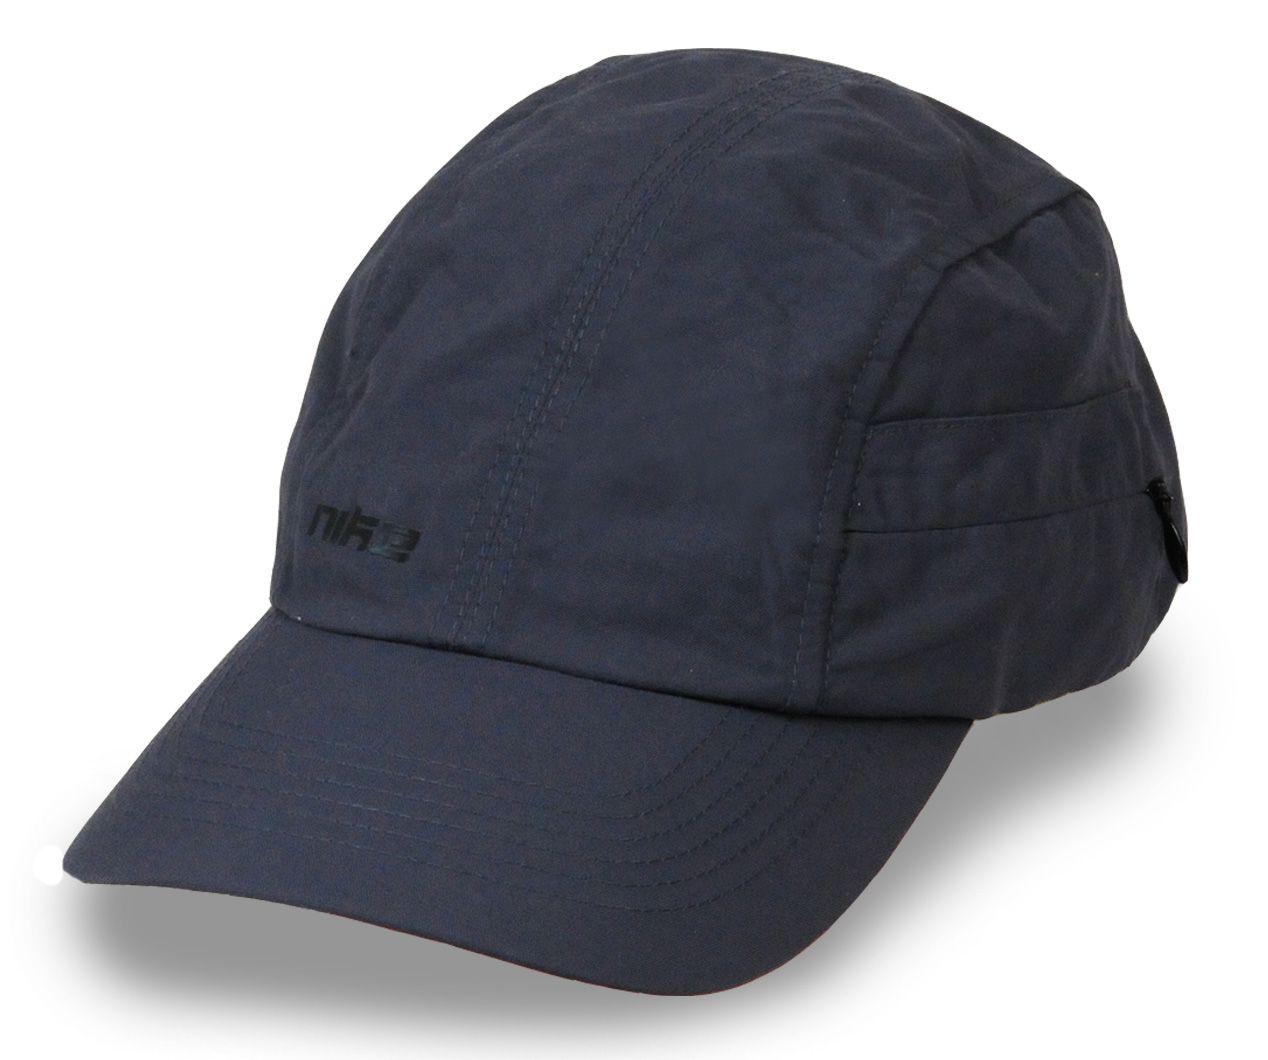 Фирменная кепка для вечерней пробежки